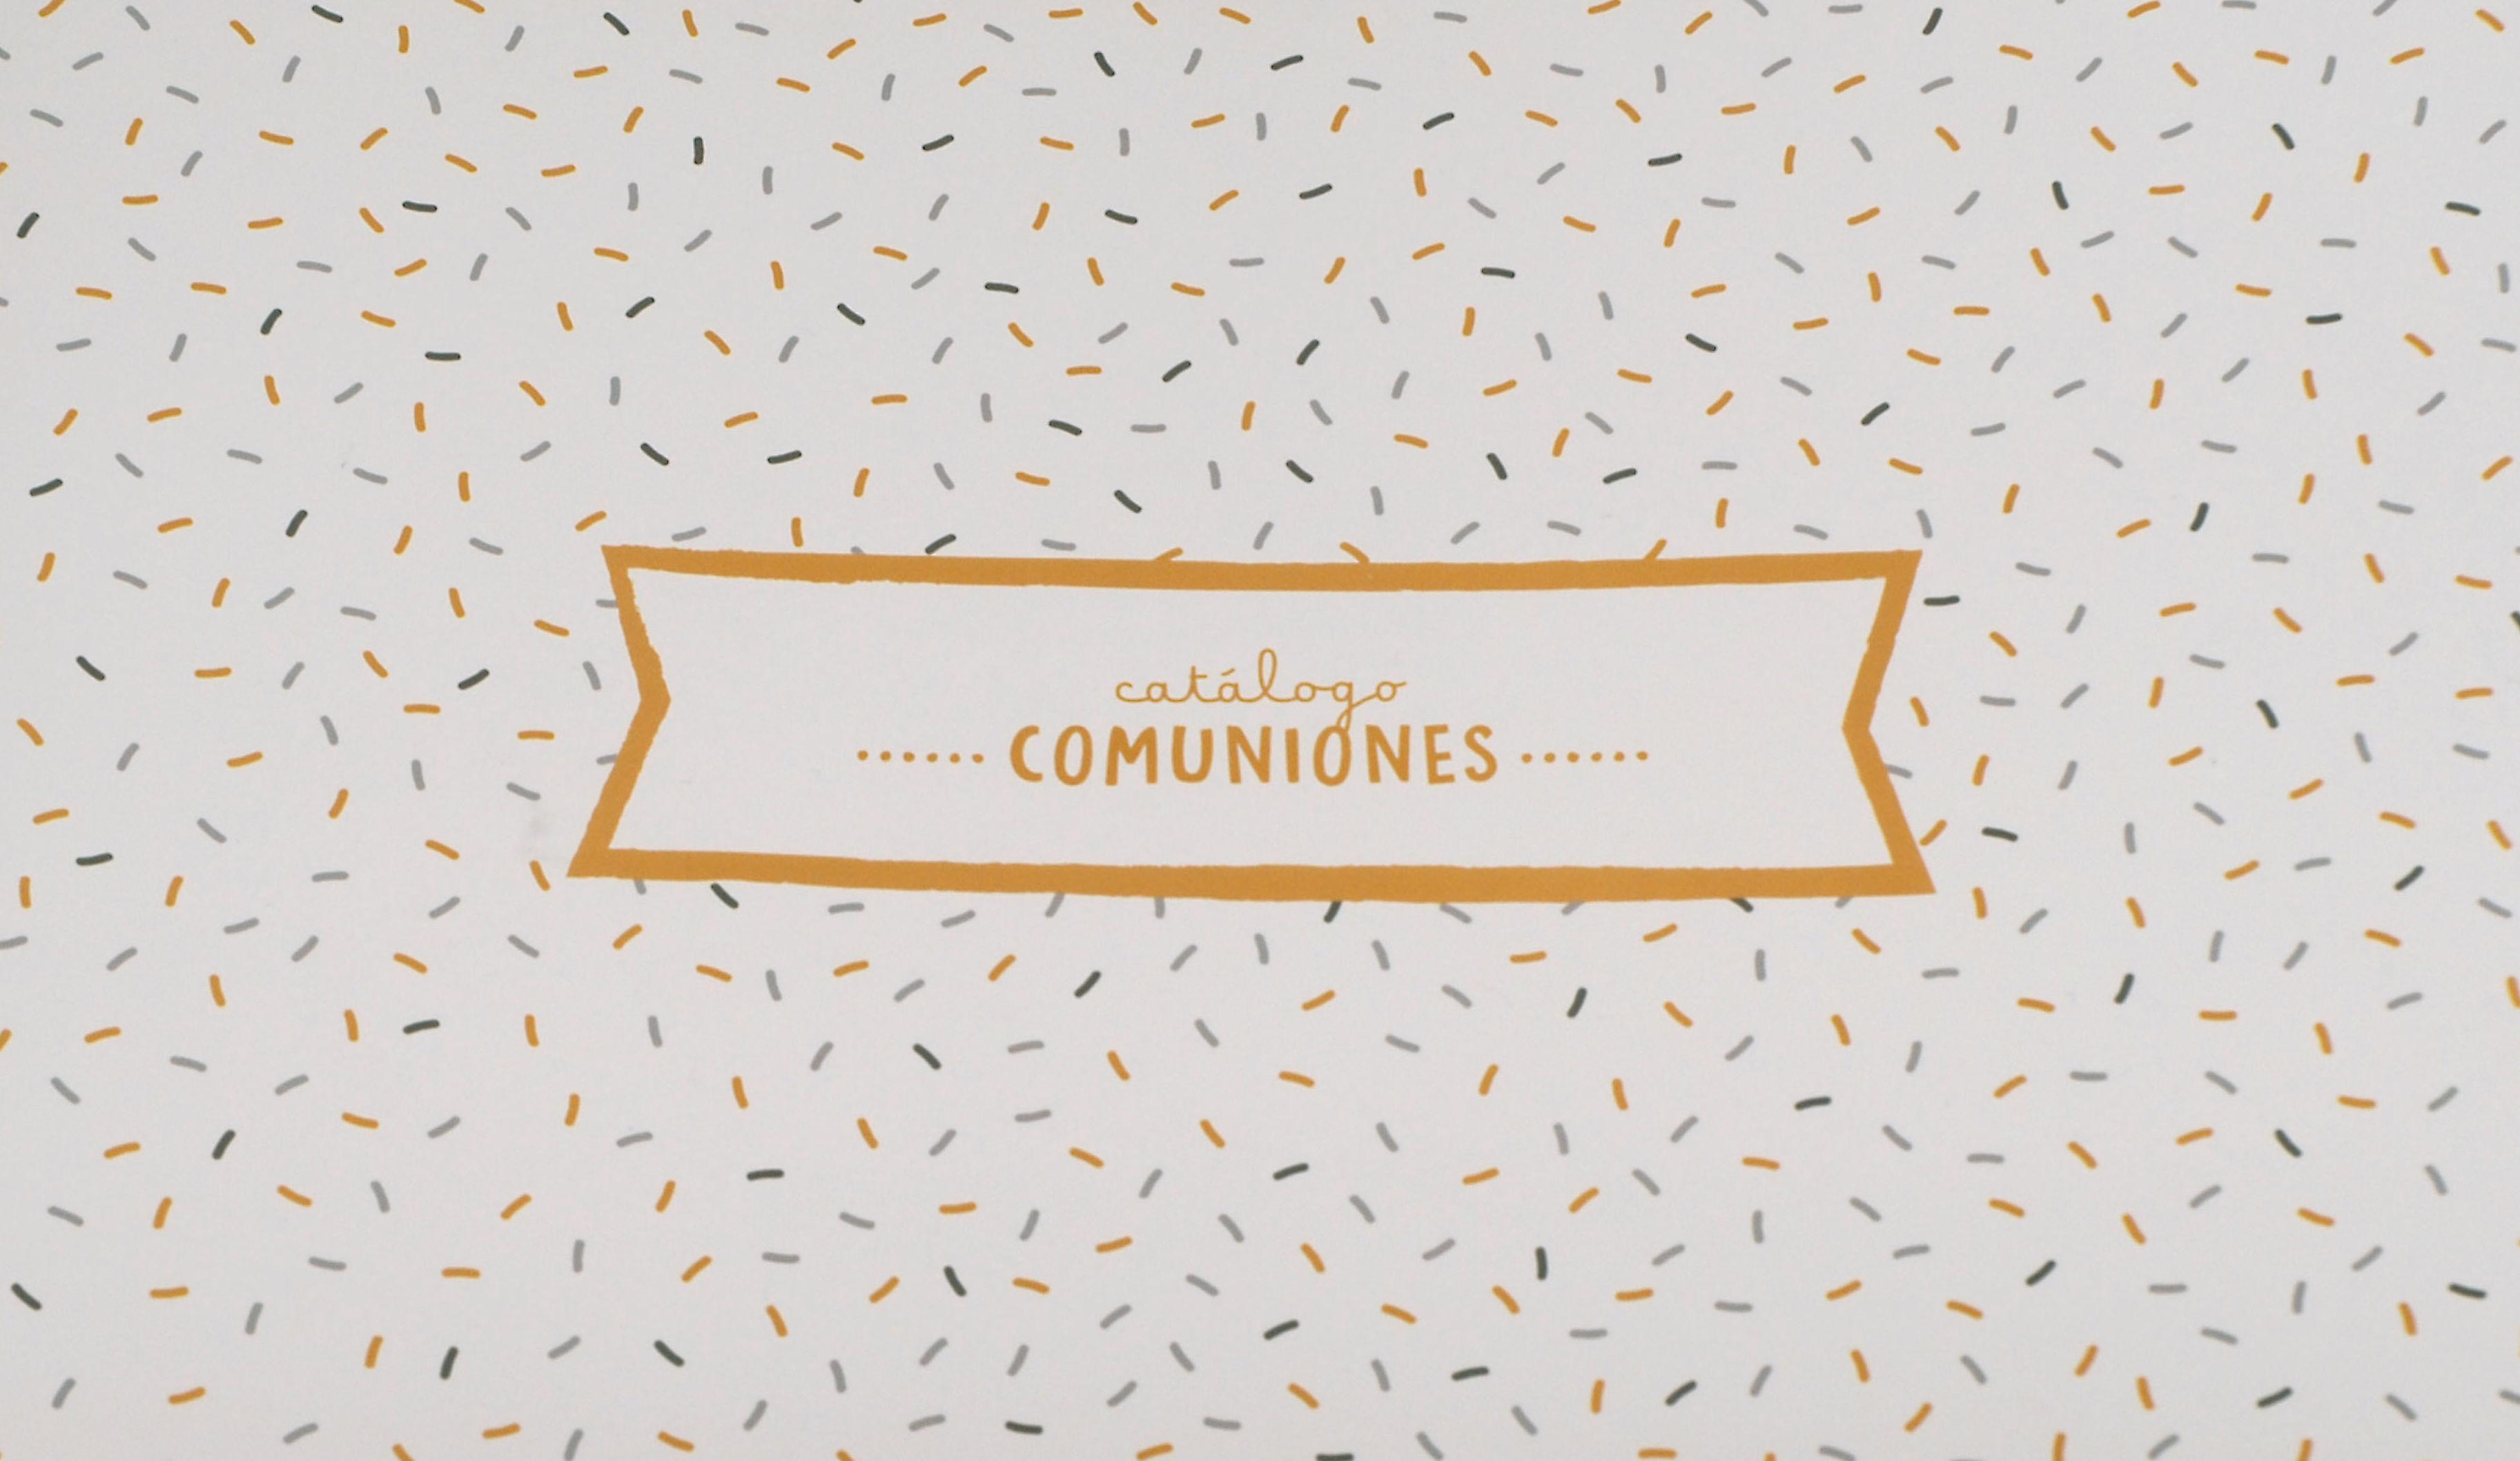 catálogo COMUNIONES - Fotografía de Primera Comunión en Burgos